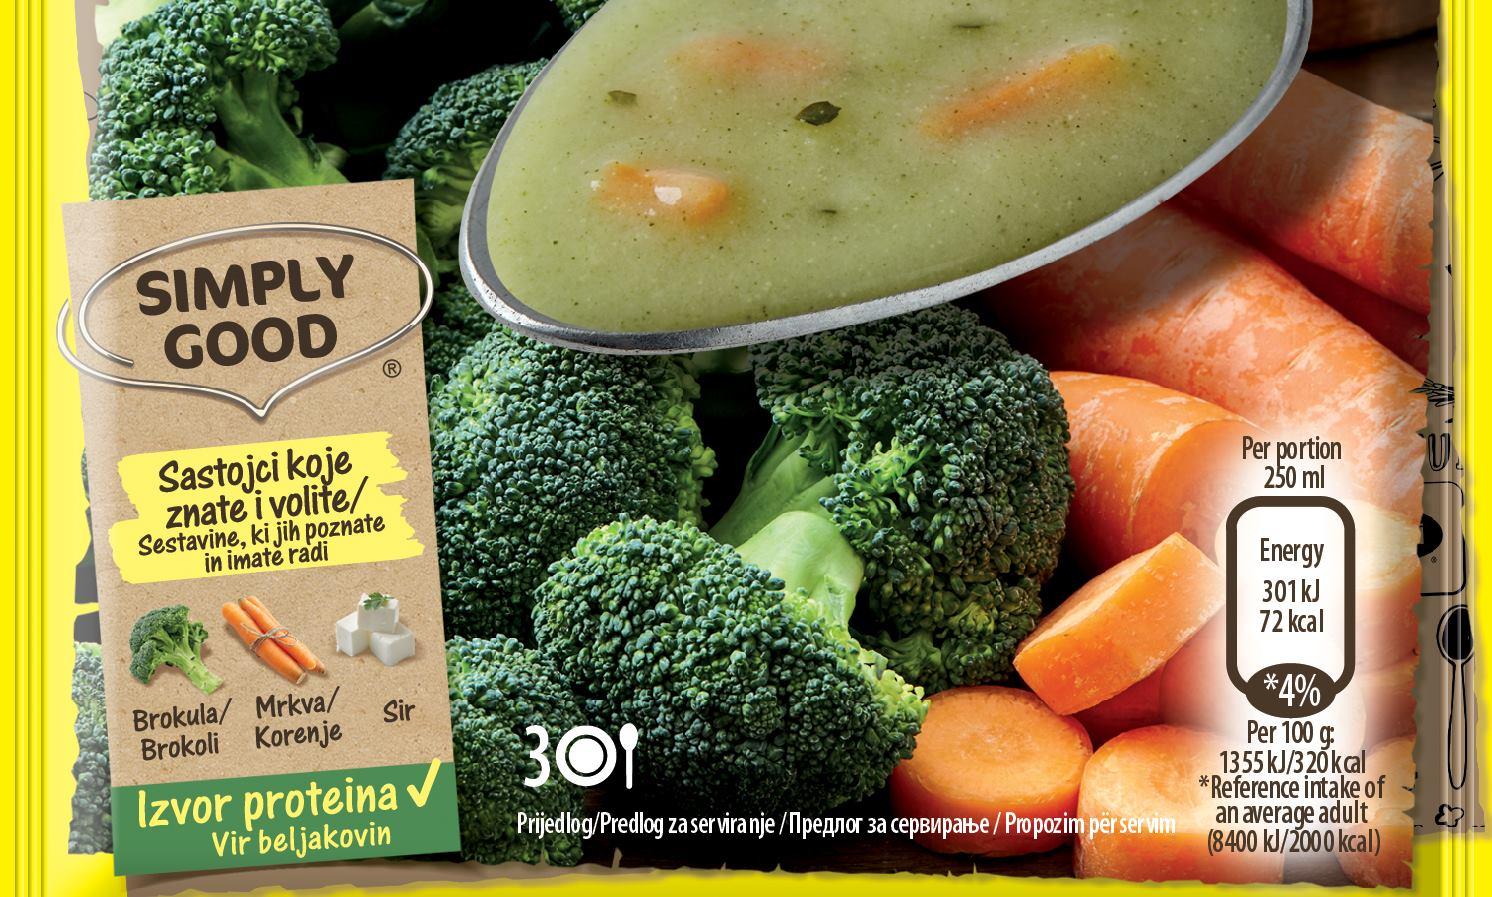 Nove MAGGI krem juhe sadrže sastojke koje znate i volite